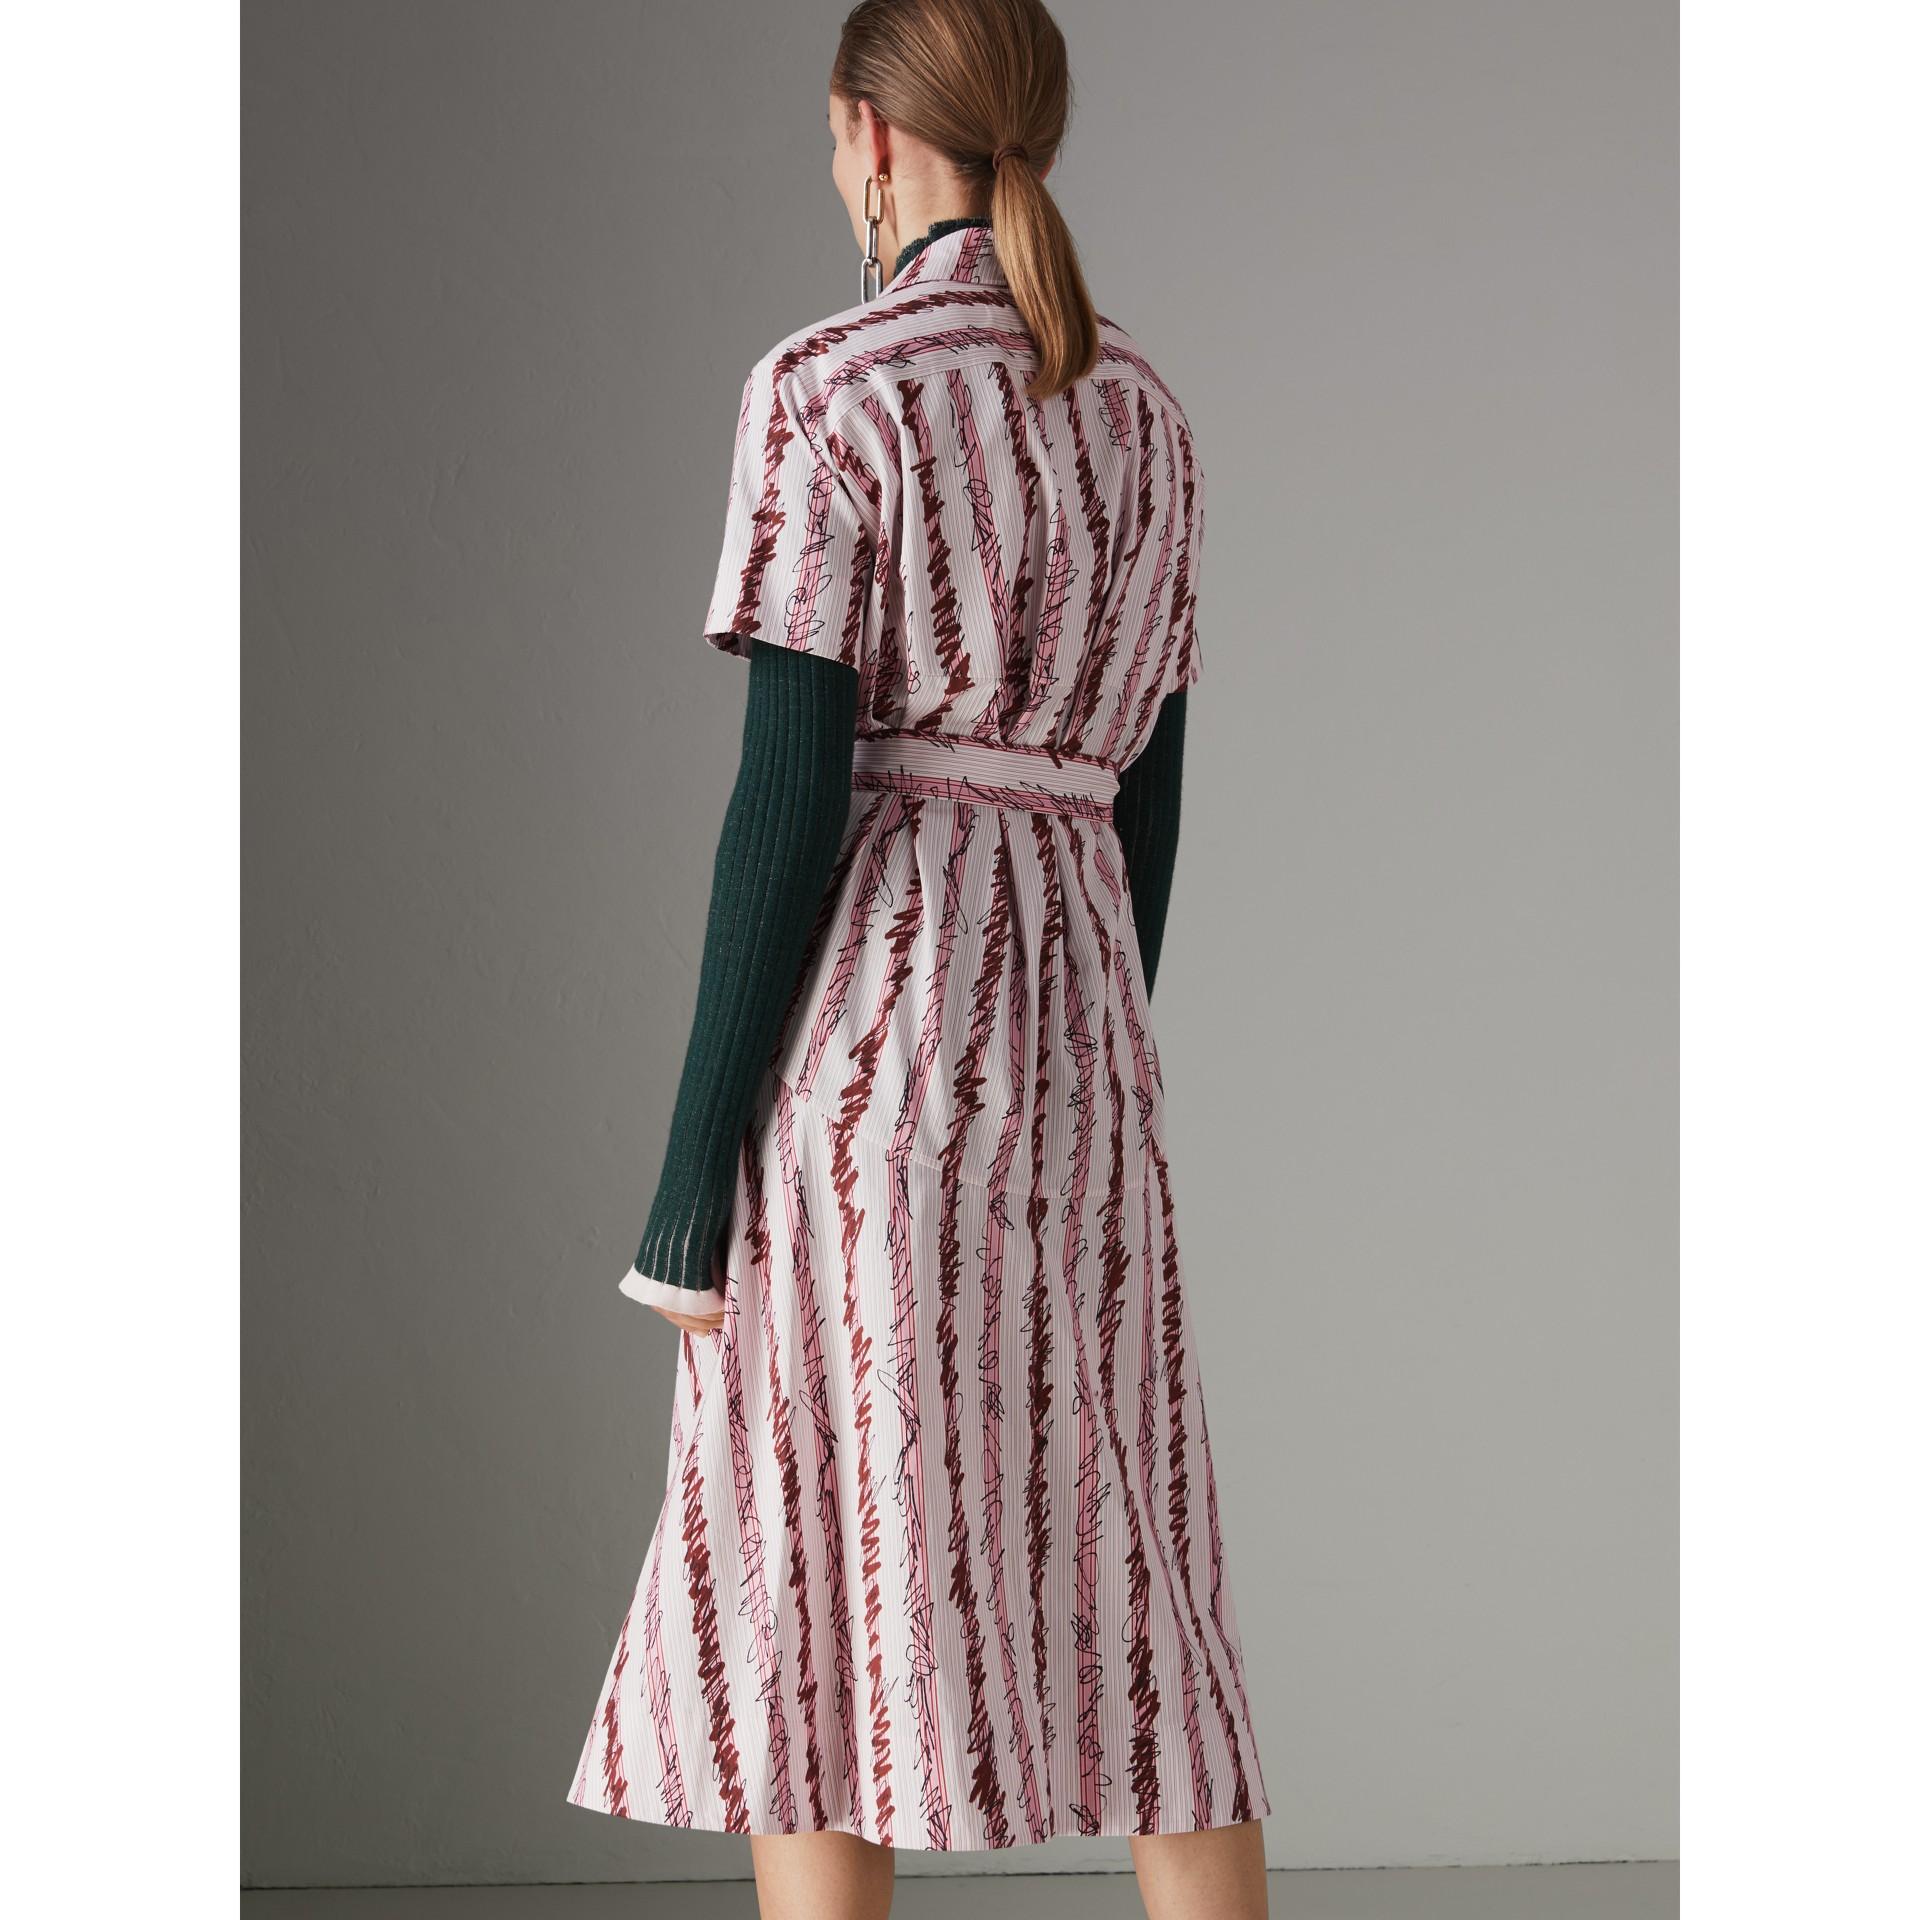 Robe chemise en coton à motif rayé griffonné (Rose Clair) - Femme | Burberry Canada - photo de la galerie 2